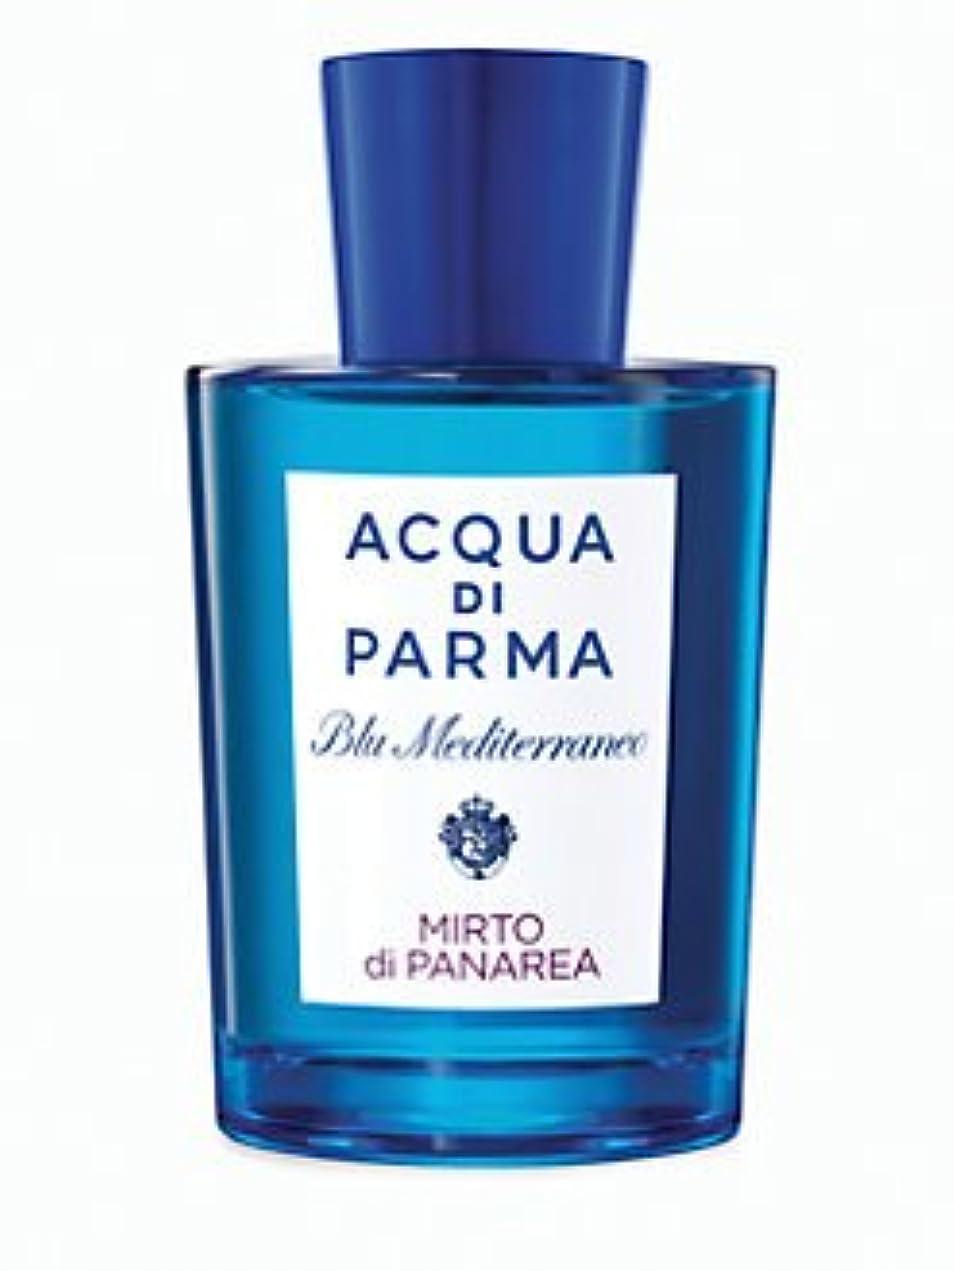 出発する不完全精神医学Blu Mediterraneo Mirto di Panarea (ブルー メディタレーネオ ミルト ディ パナレア) 5.0 oz (150ml) EDT Spray by Acqua di Parma